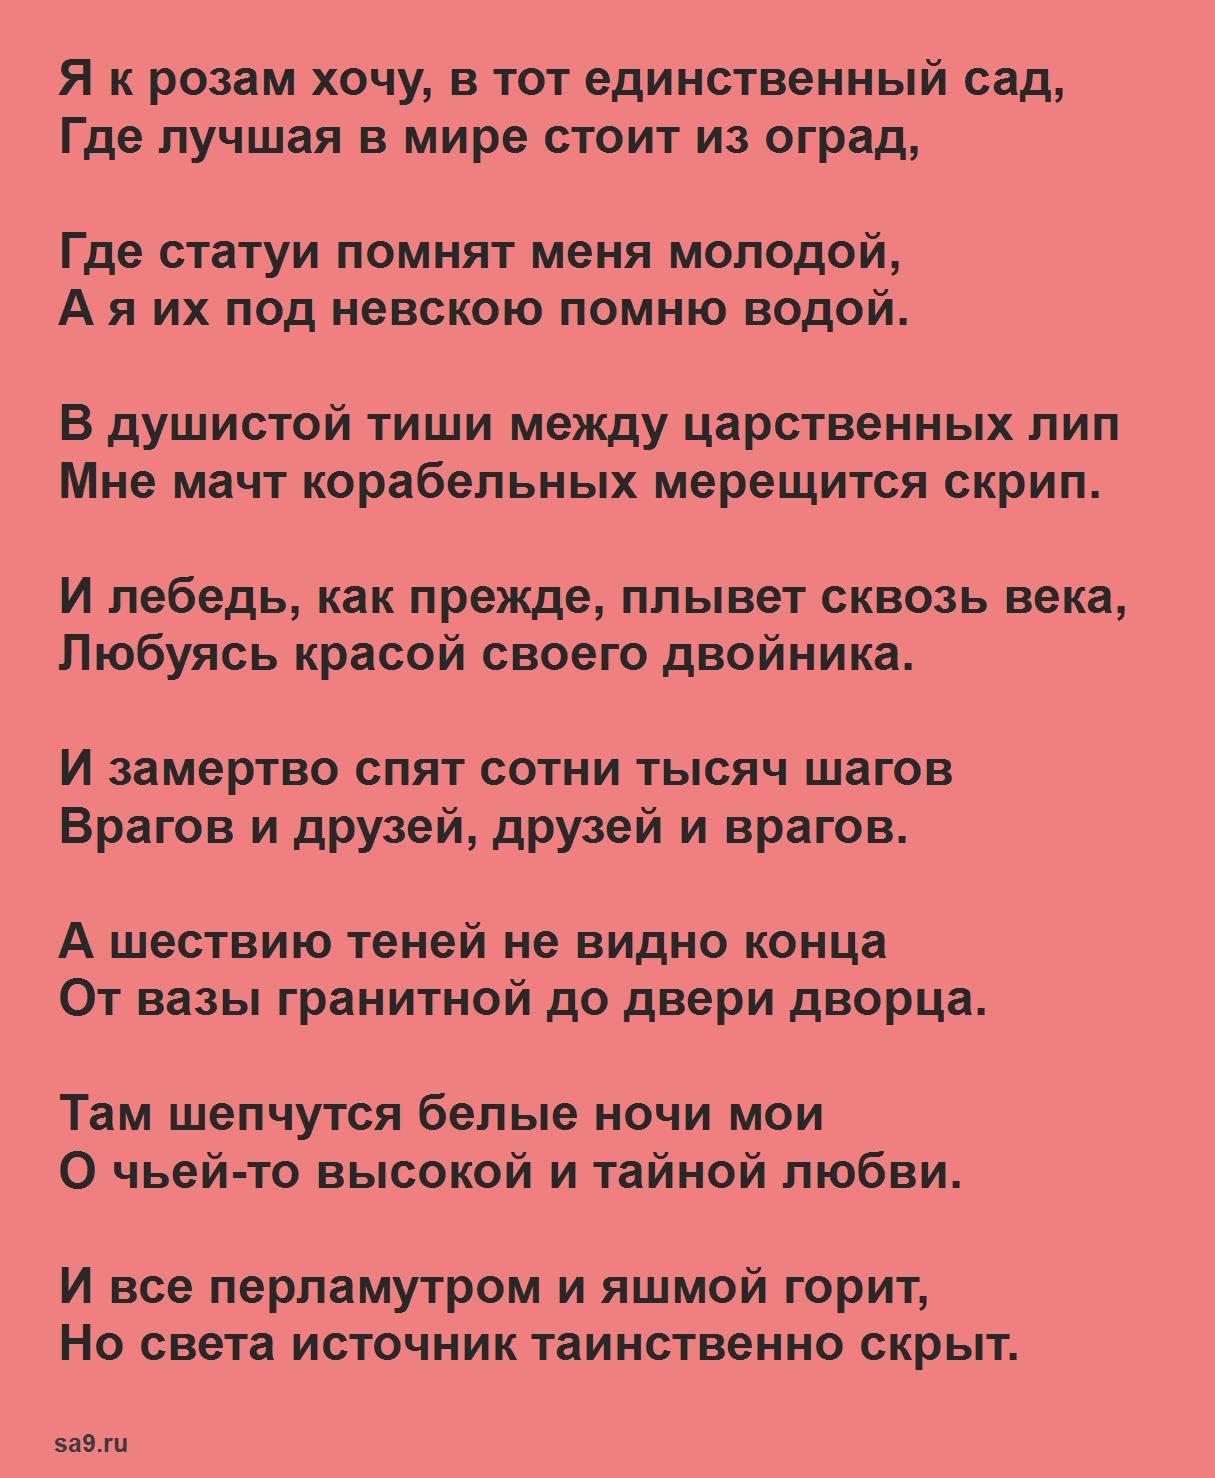 Ахматова стихи о Петербурге, 16 строк, простые, легко учащиеся